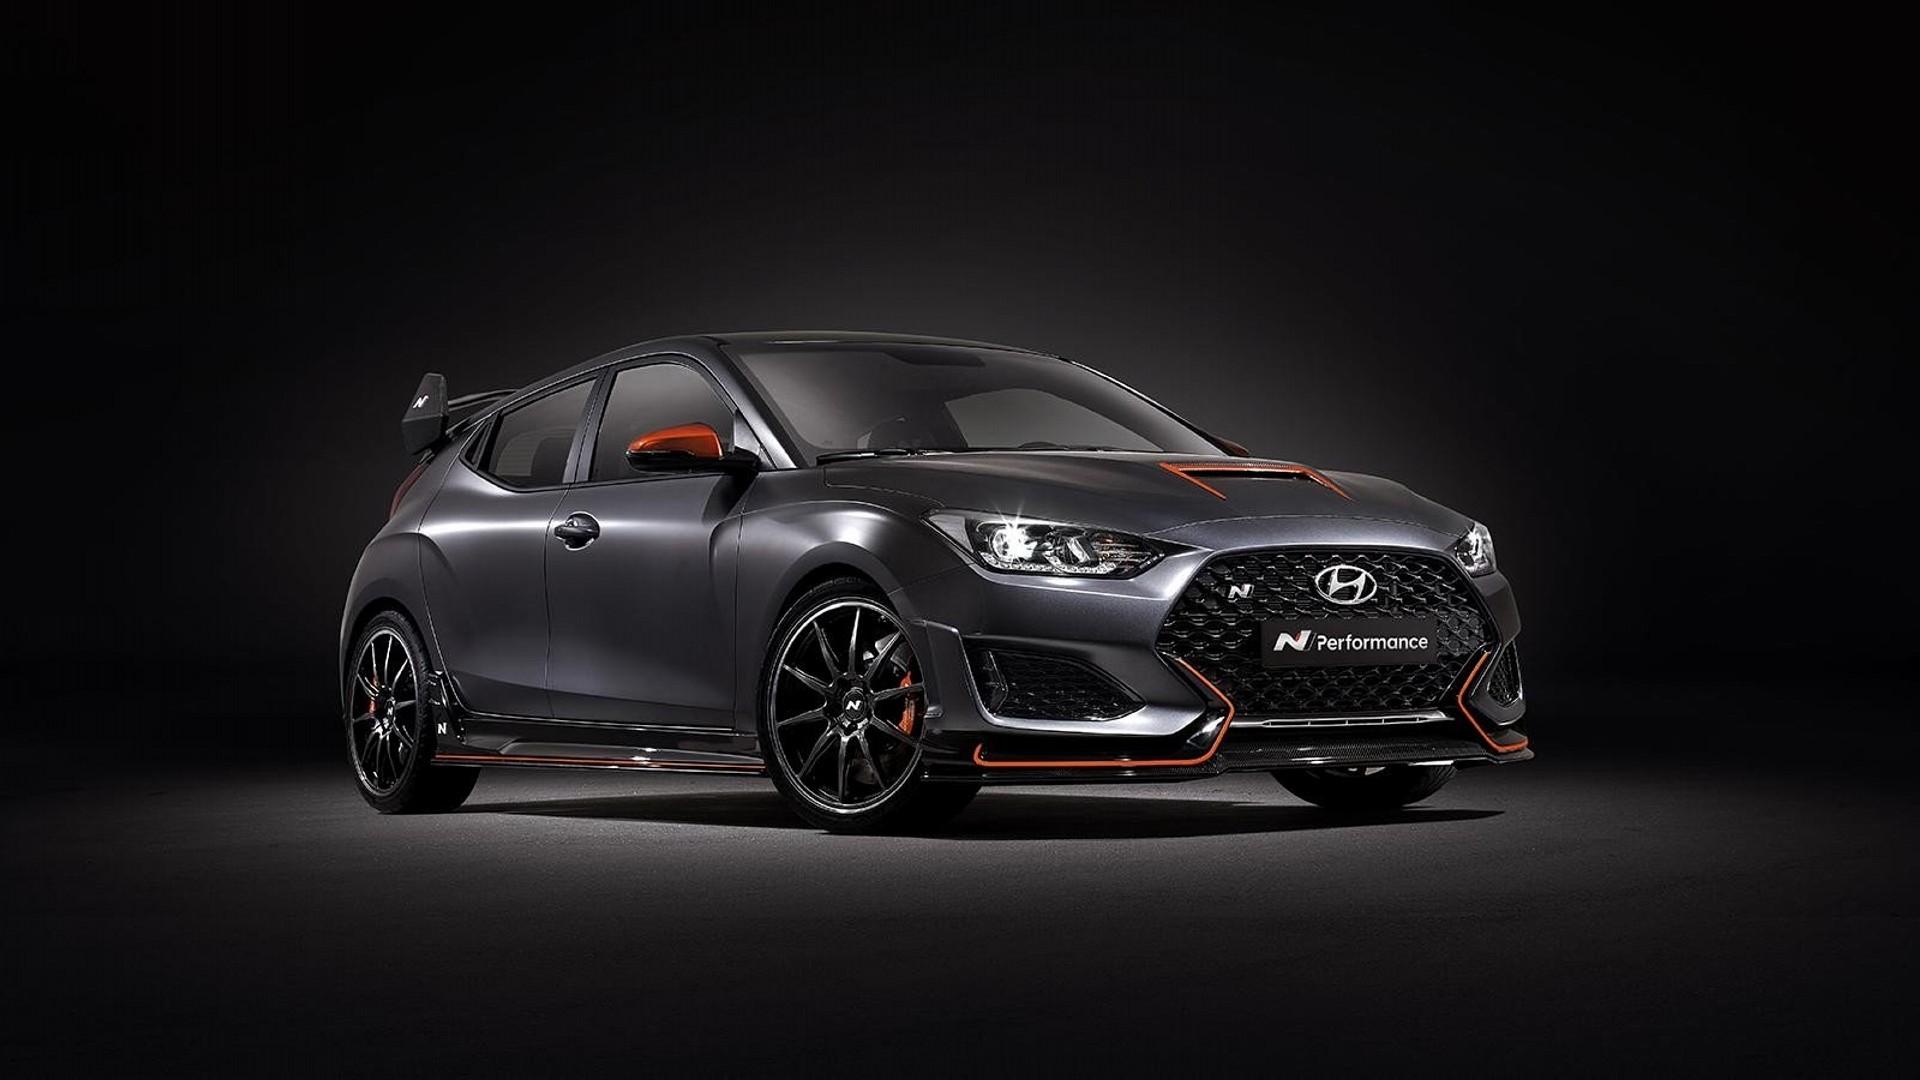 El Hyundai Veloster N Performance Concept llega con nuevos accesorios de fábrica